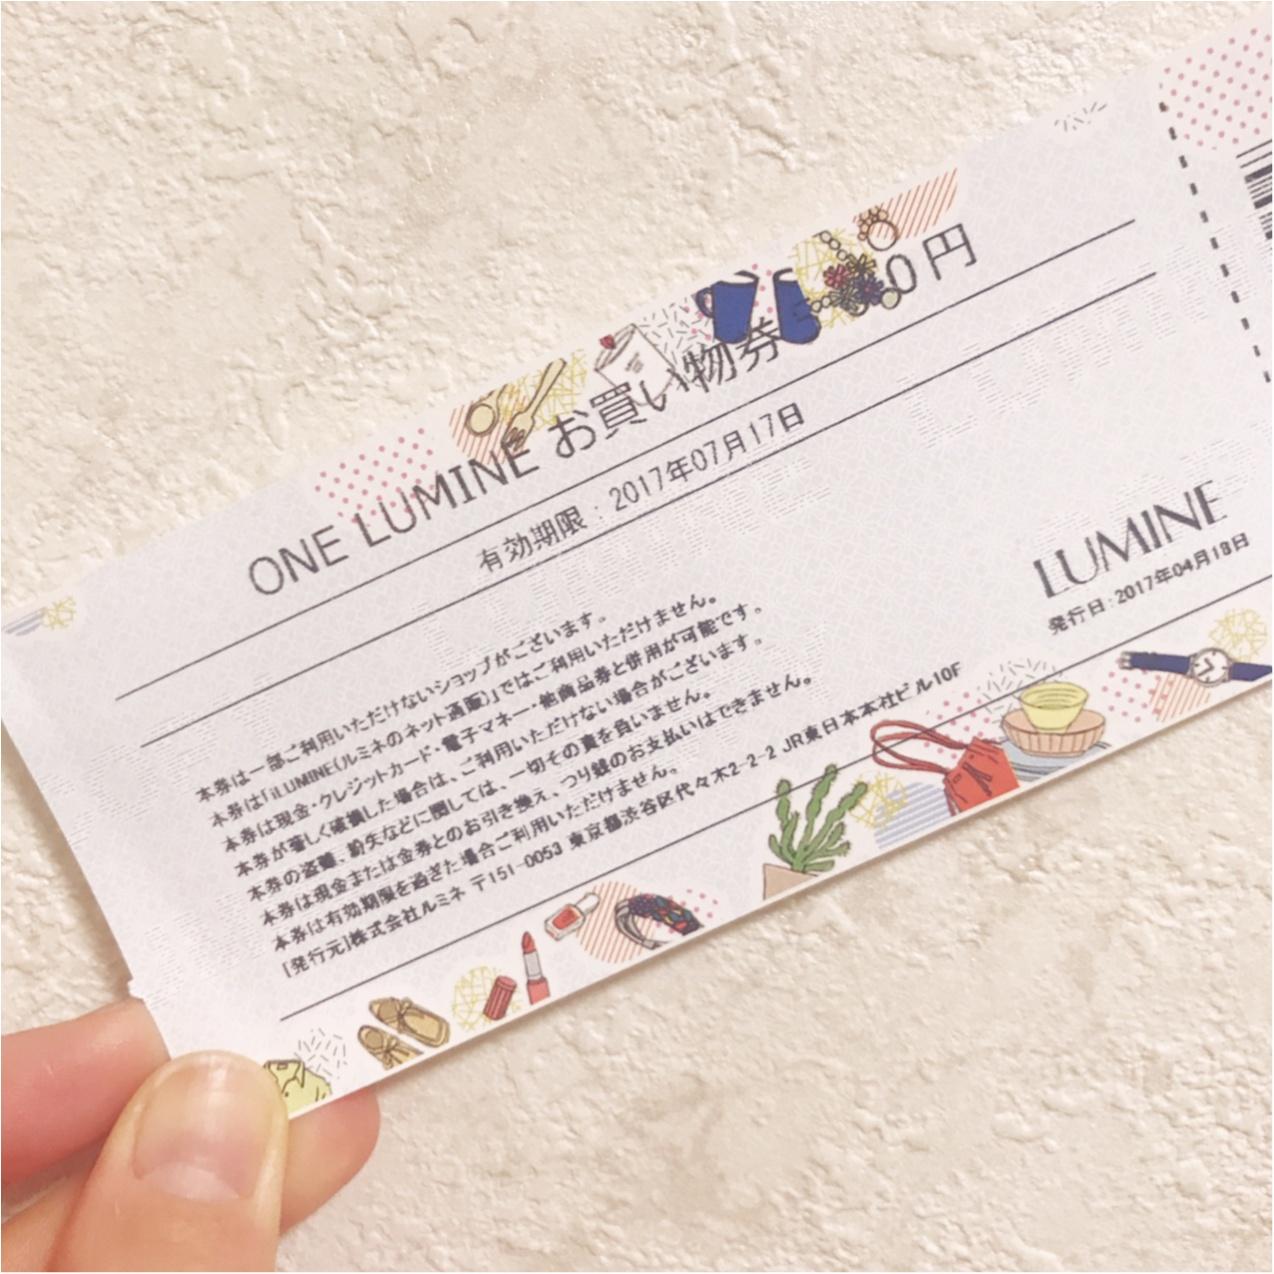 買い物するほどトクしちゃう♡ルミネのアプリ《ONE LUMINE》使ってる?_3